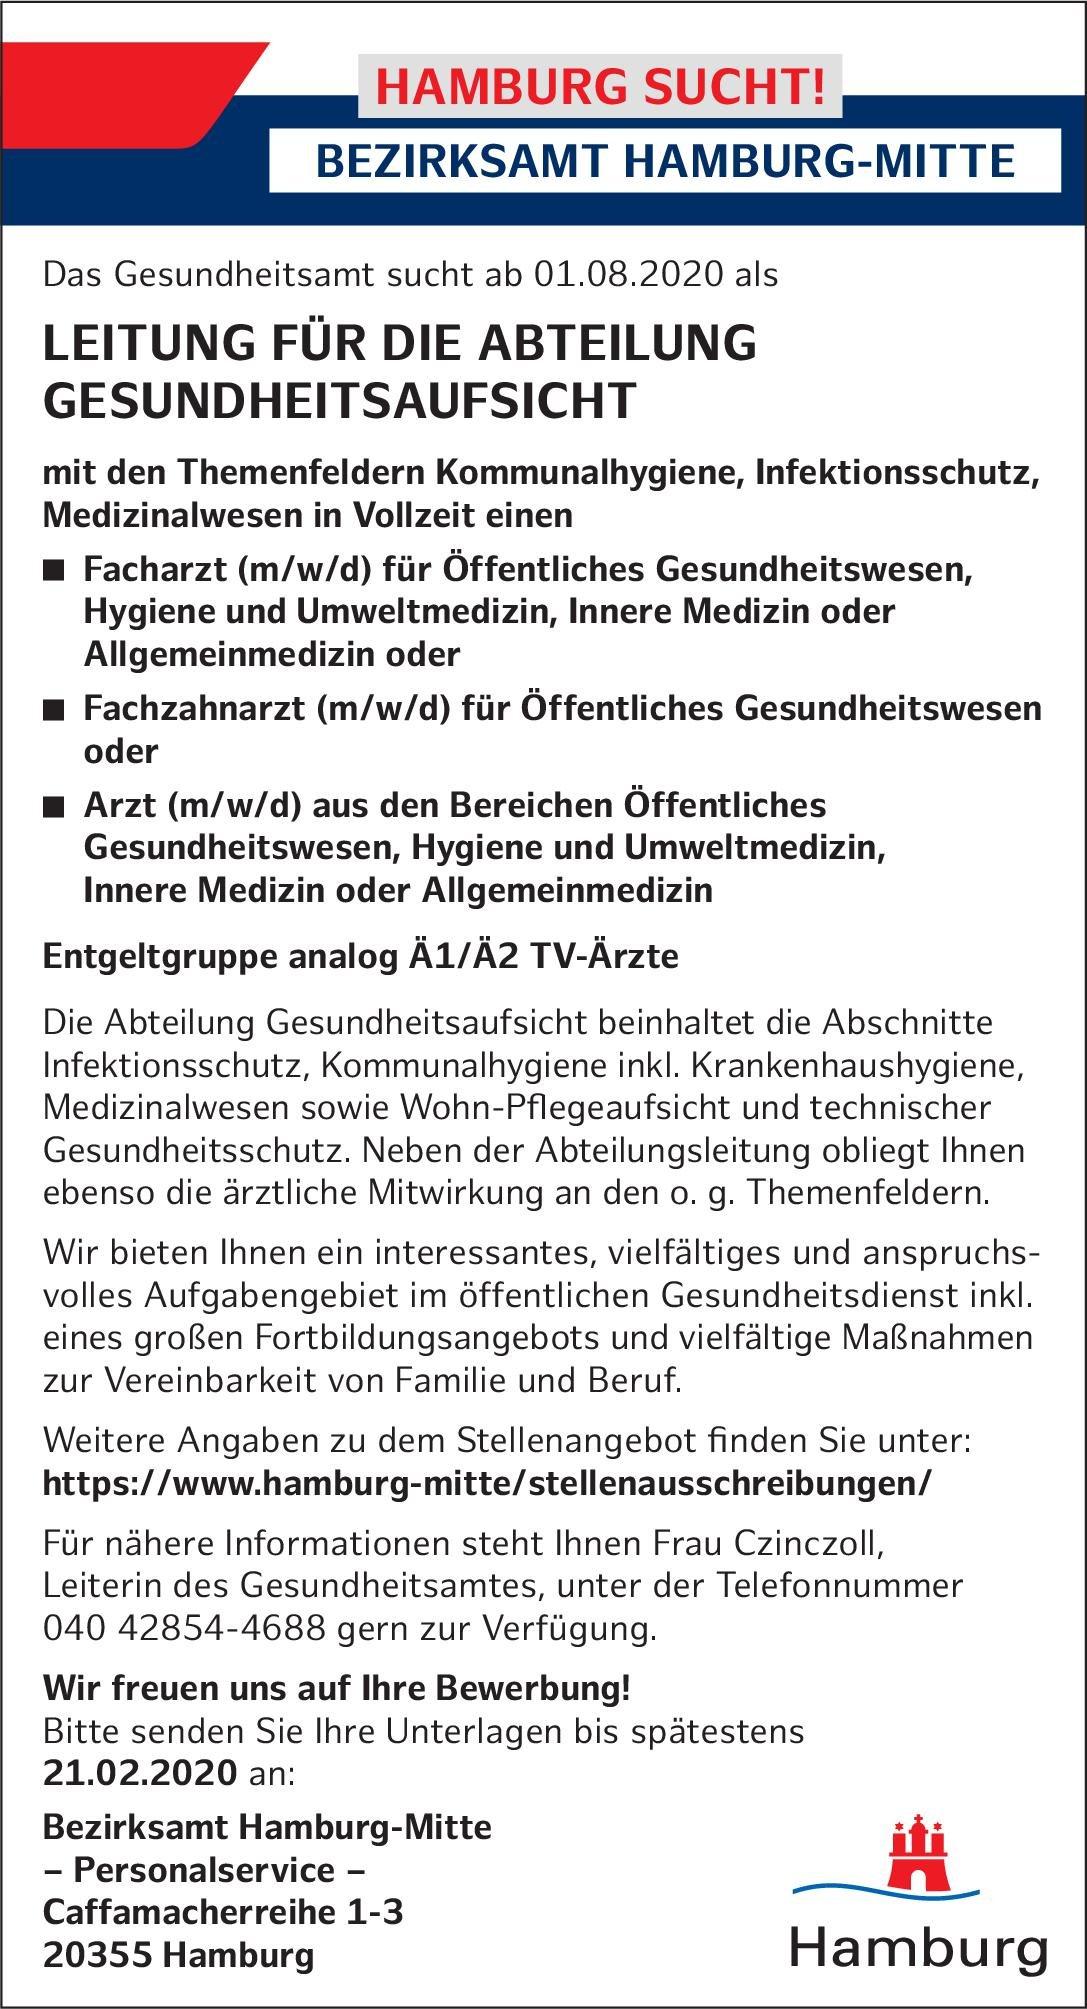 Bezirksamt Hamburg-Mitte Leitung für die Abteilung Gesundheitsaufsicht  Innere Medizin, Allgemeinmedizin, Hygiene- und Umweltmedizin Arzt / Facharzt